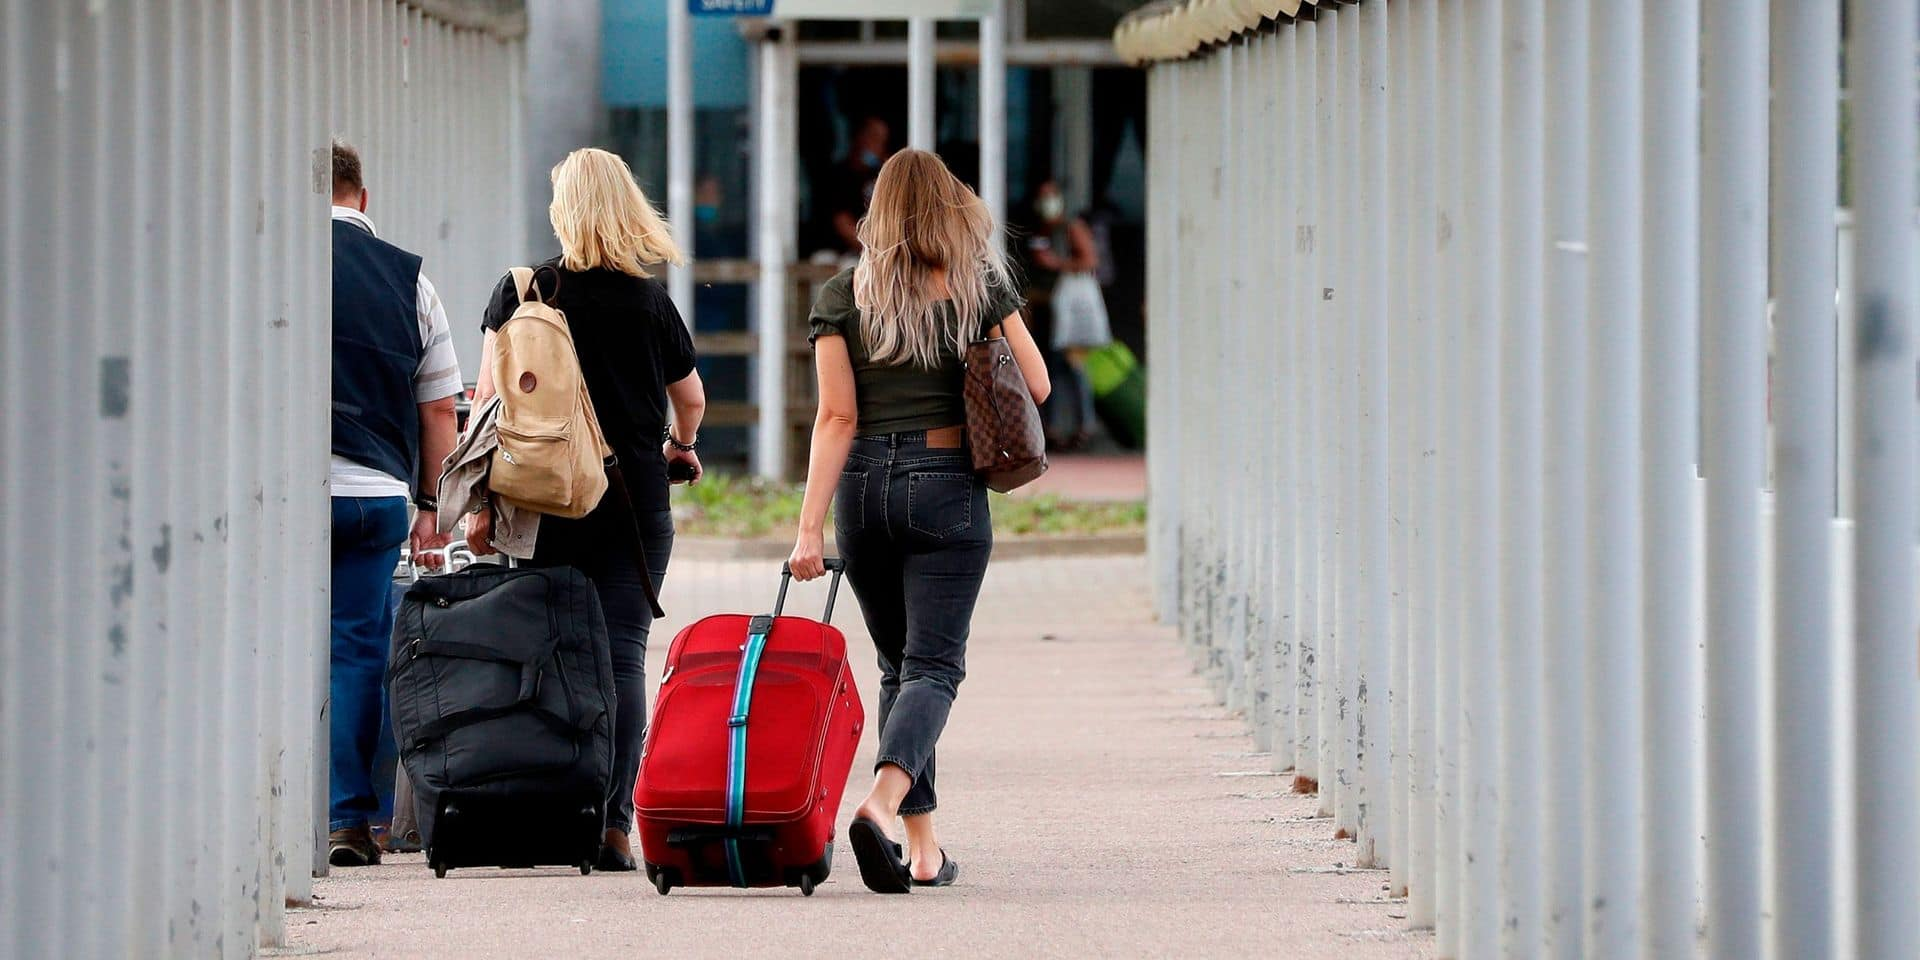 Deux terroristes présumés arrêtés dans un aéroport londonien